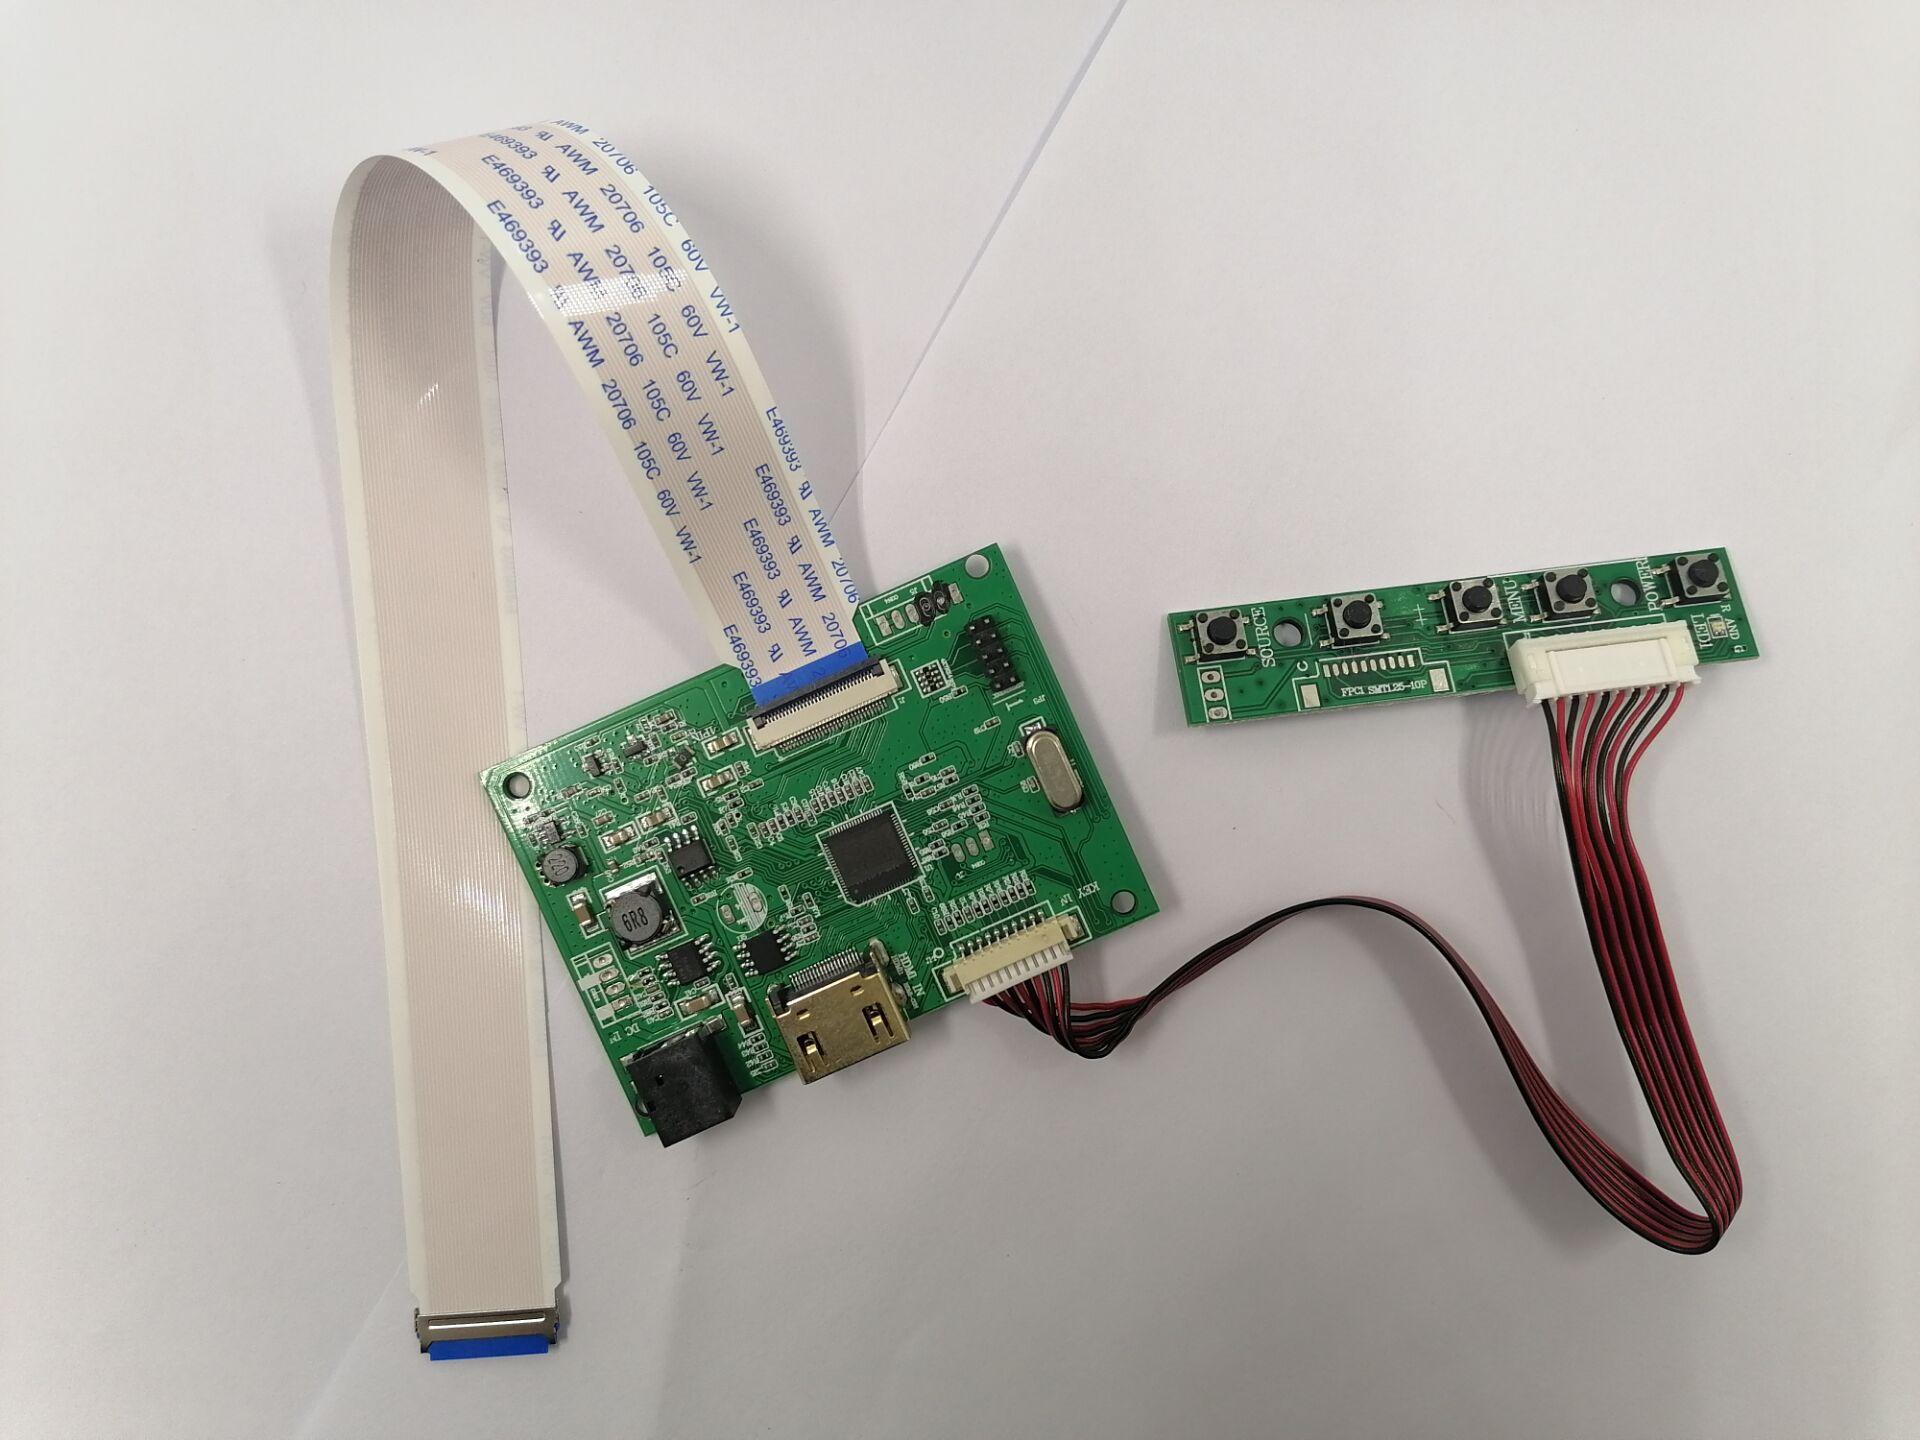 عدة ل TV101WXM-NP1/B101EAN01.8/NV101WXM-N51 1280x800 تحكم عن بعد مجلس HDMI متوافق LED EDP لوحة رصد مصغرة 30pin